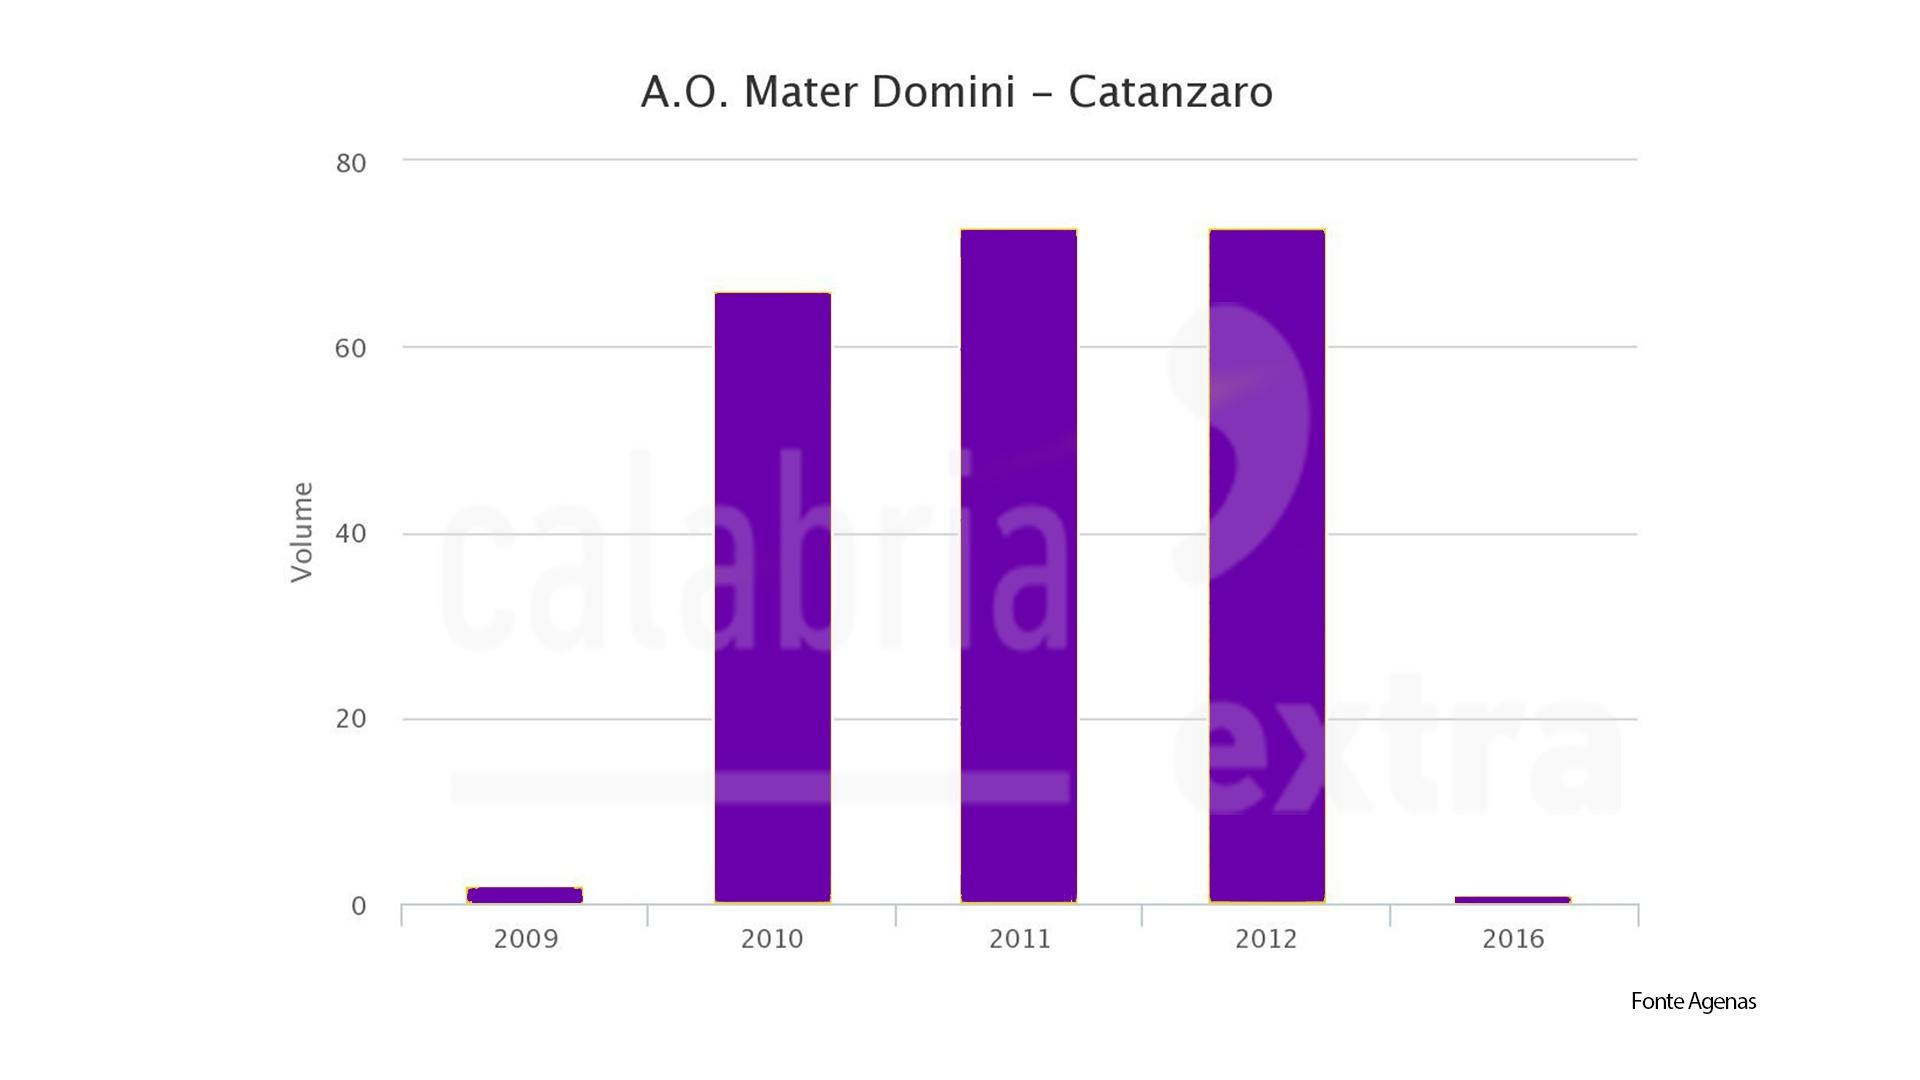 Ogni giorno in Calabria vengono diagnosticati 30 nuovi casi di tumori.